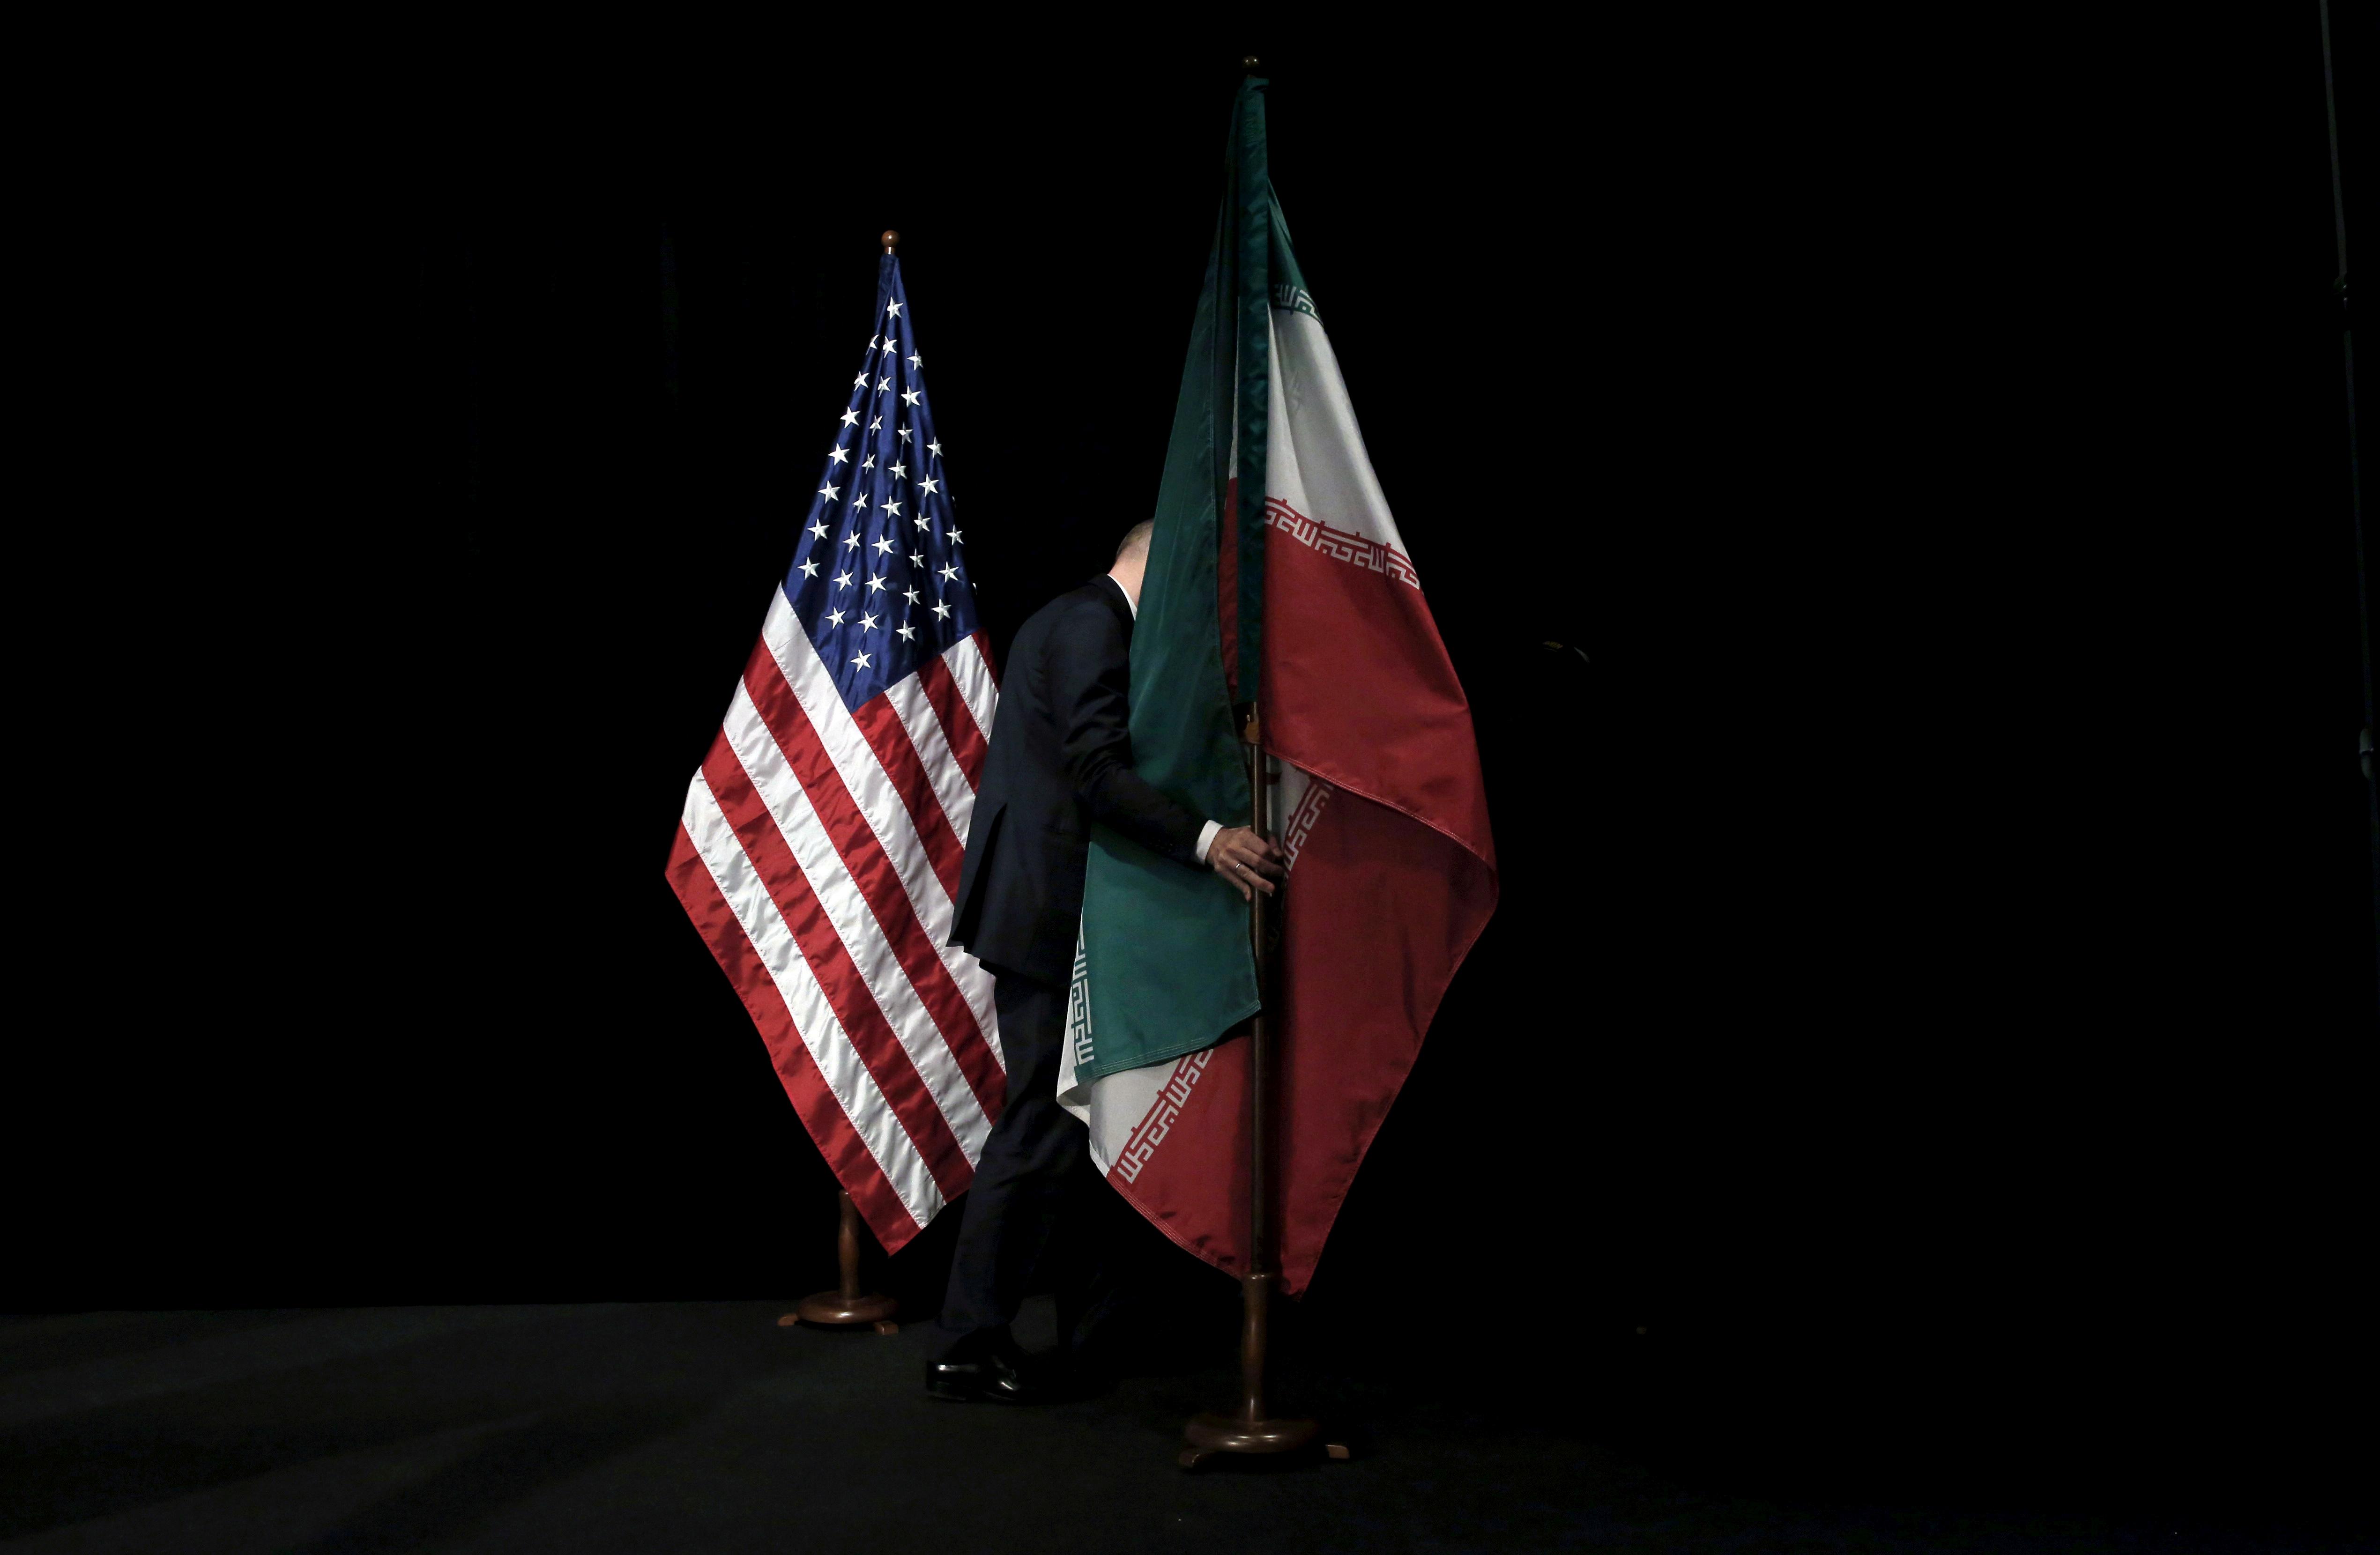 les-etats-unis-vont-imposer-des-sanctions-a-une-vingtaine-d-entites-liees-a-l-iran